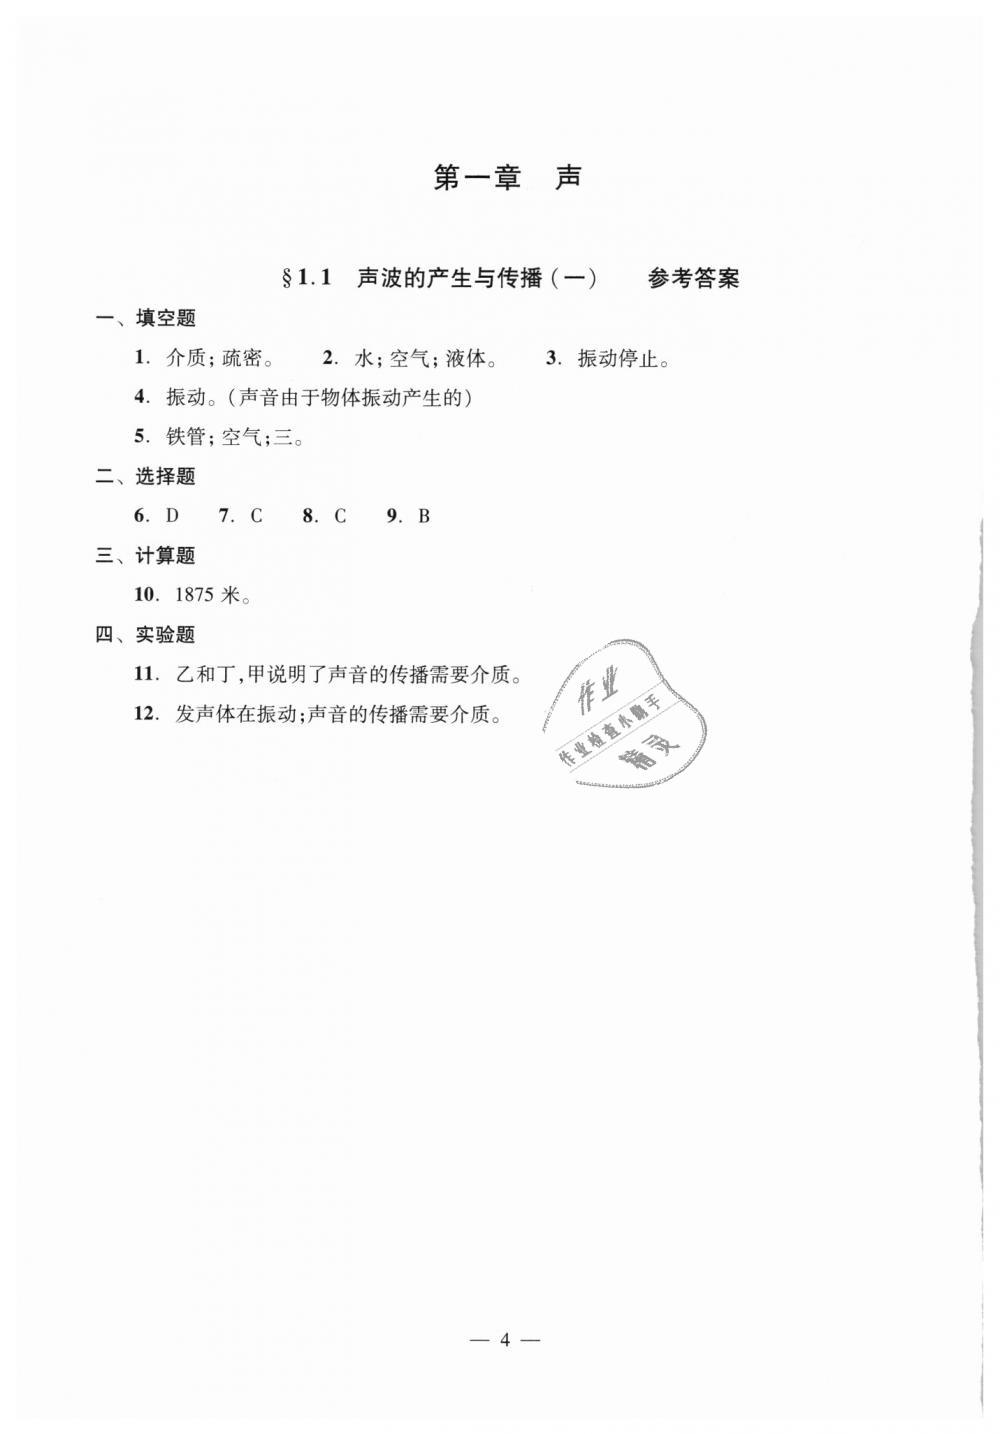 2018年初中物理双基过关堂堂练八年级全一册沪教版第4页